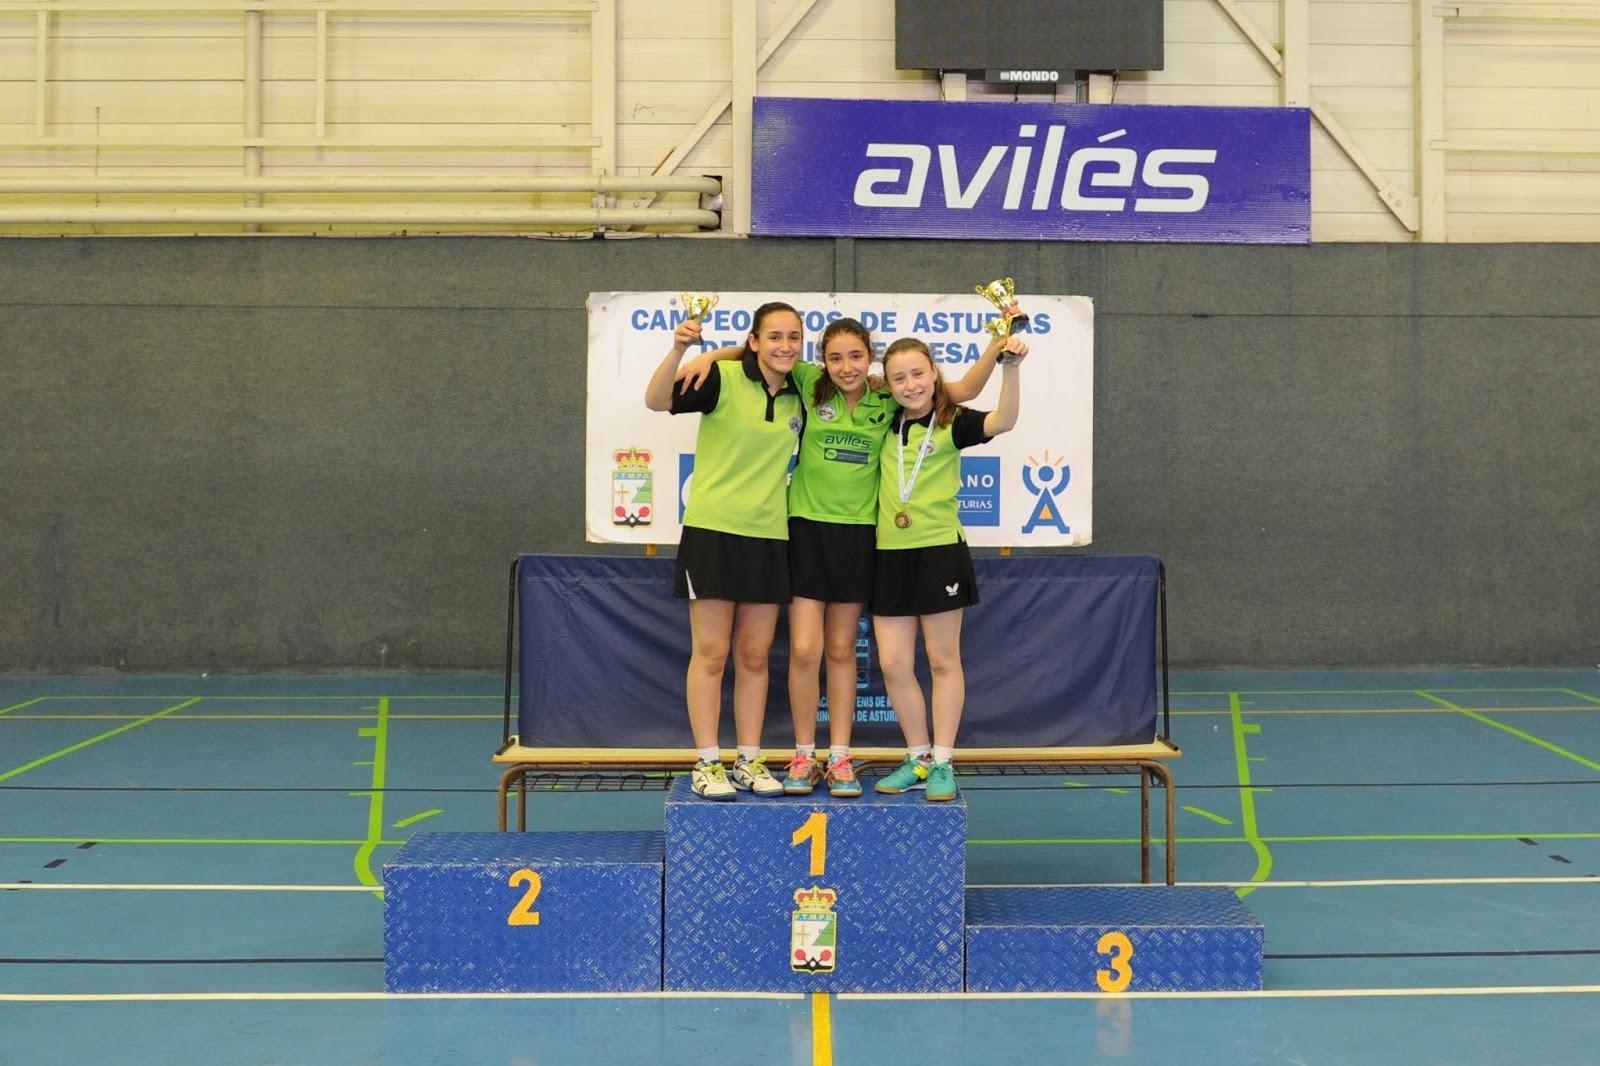 Avil s tenis de mesa resultados de las competiciones del pasado fin de semana - Aviles tenis de mesa ...